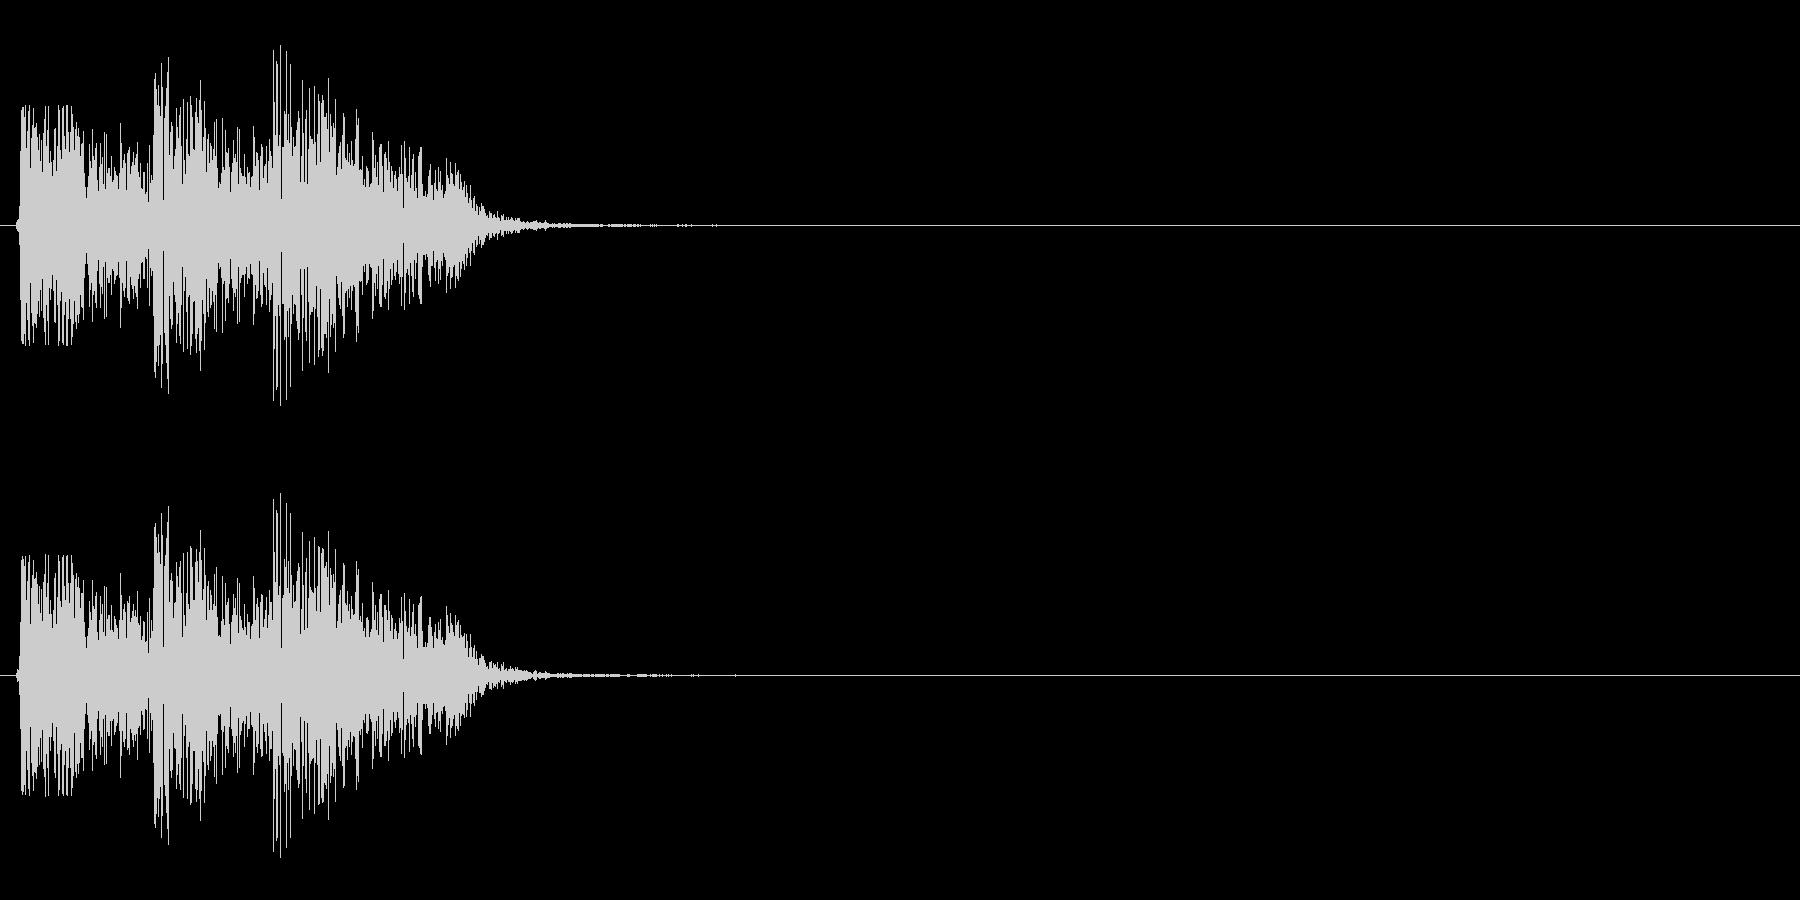 【打撃02-4】の未再生の波形